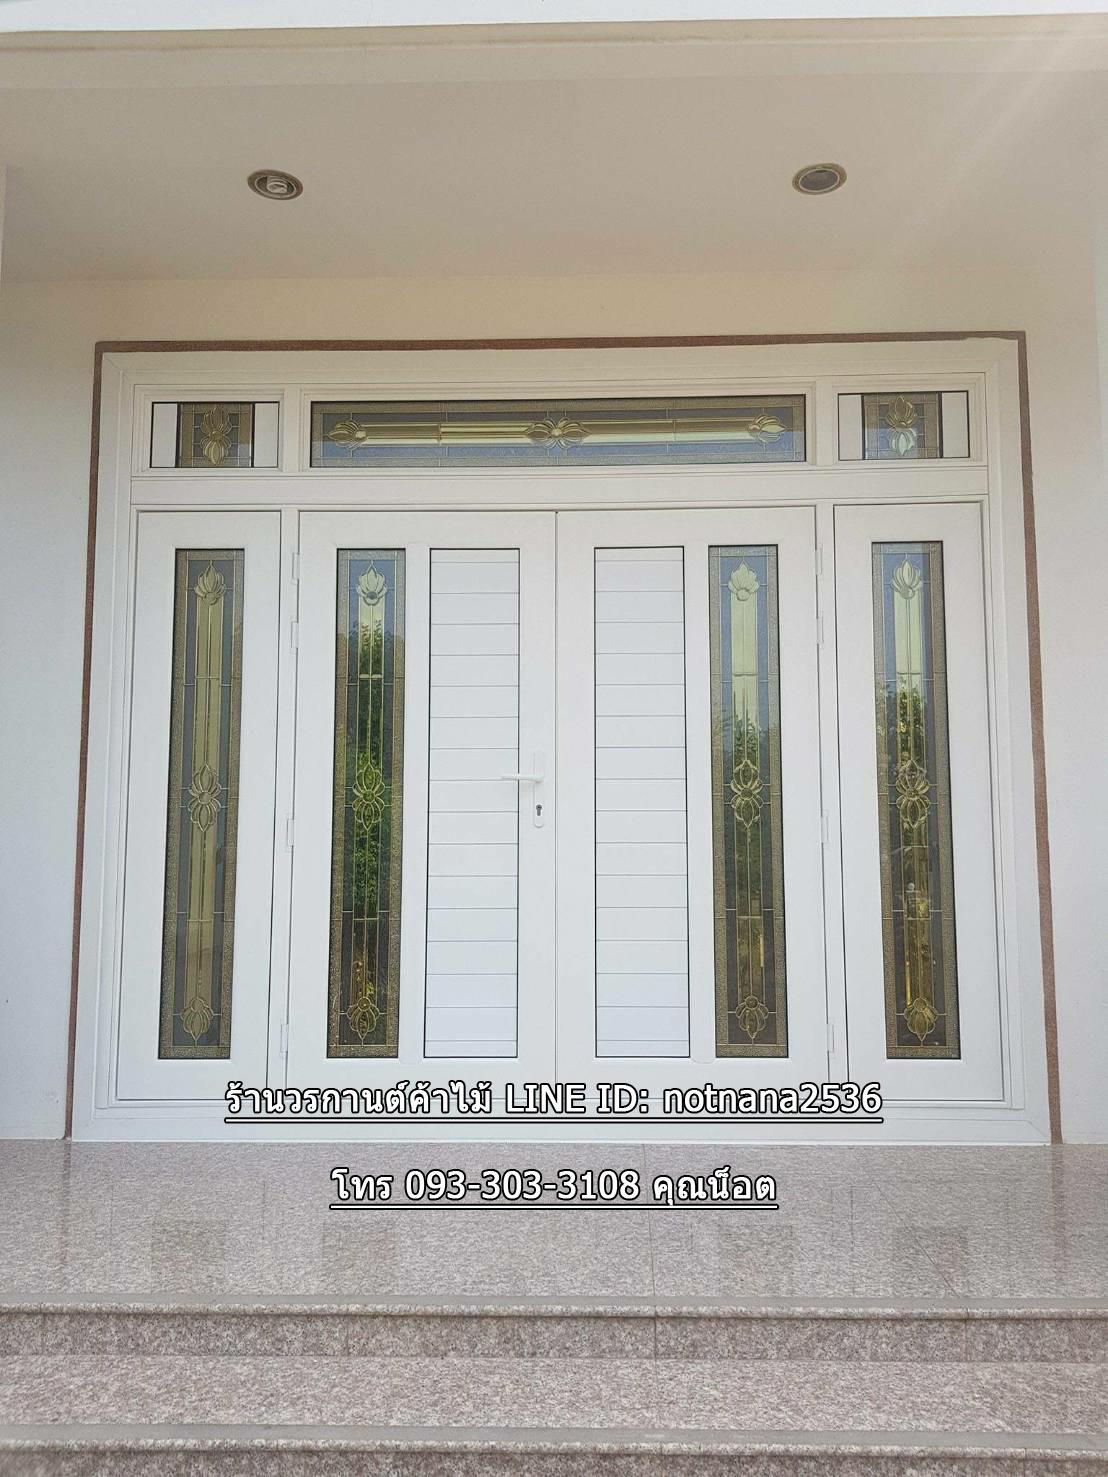 ประตูไม้สักกระจกนิรภัยสีขาว สไตล์โมดิร์น 7ชิ้น รหัส AAA122